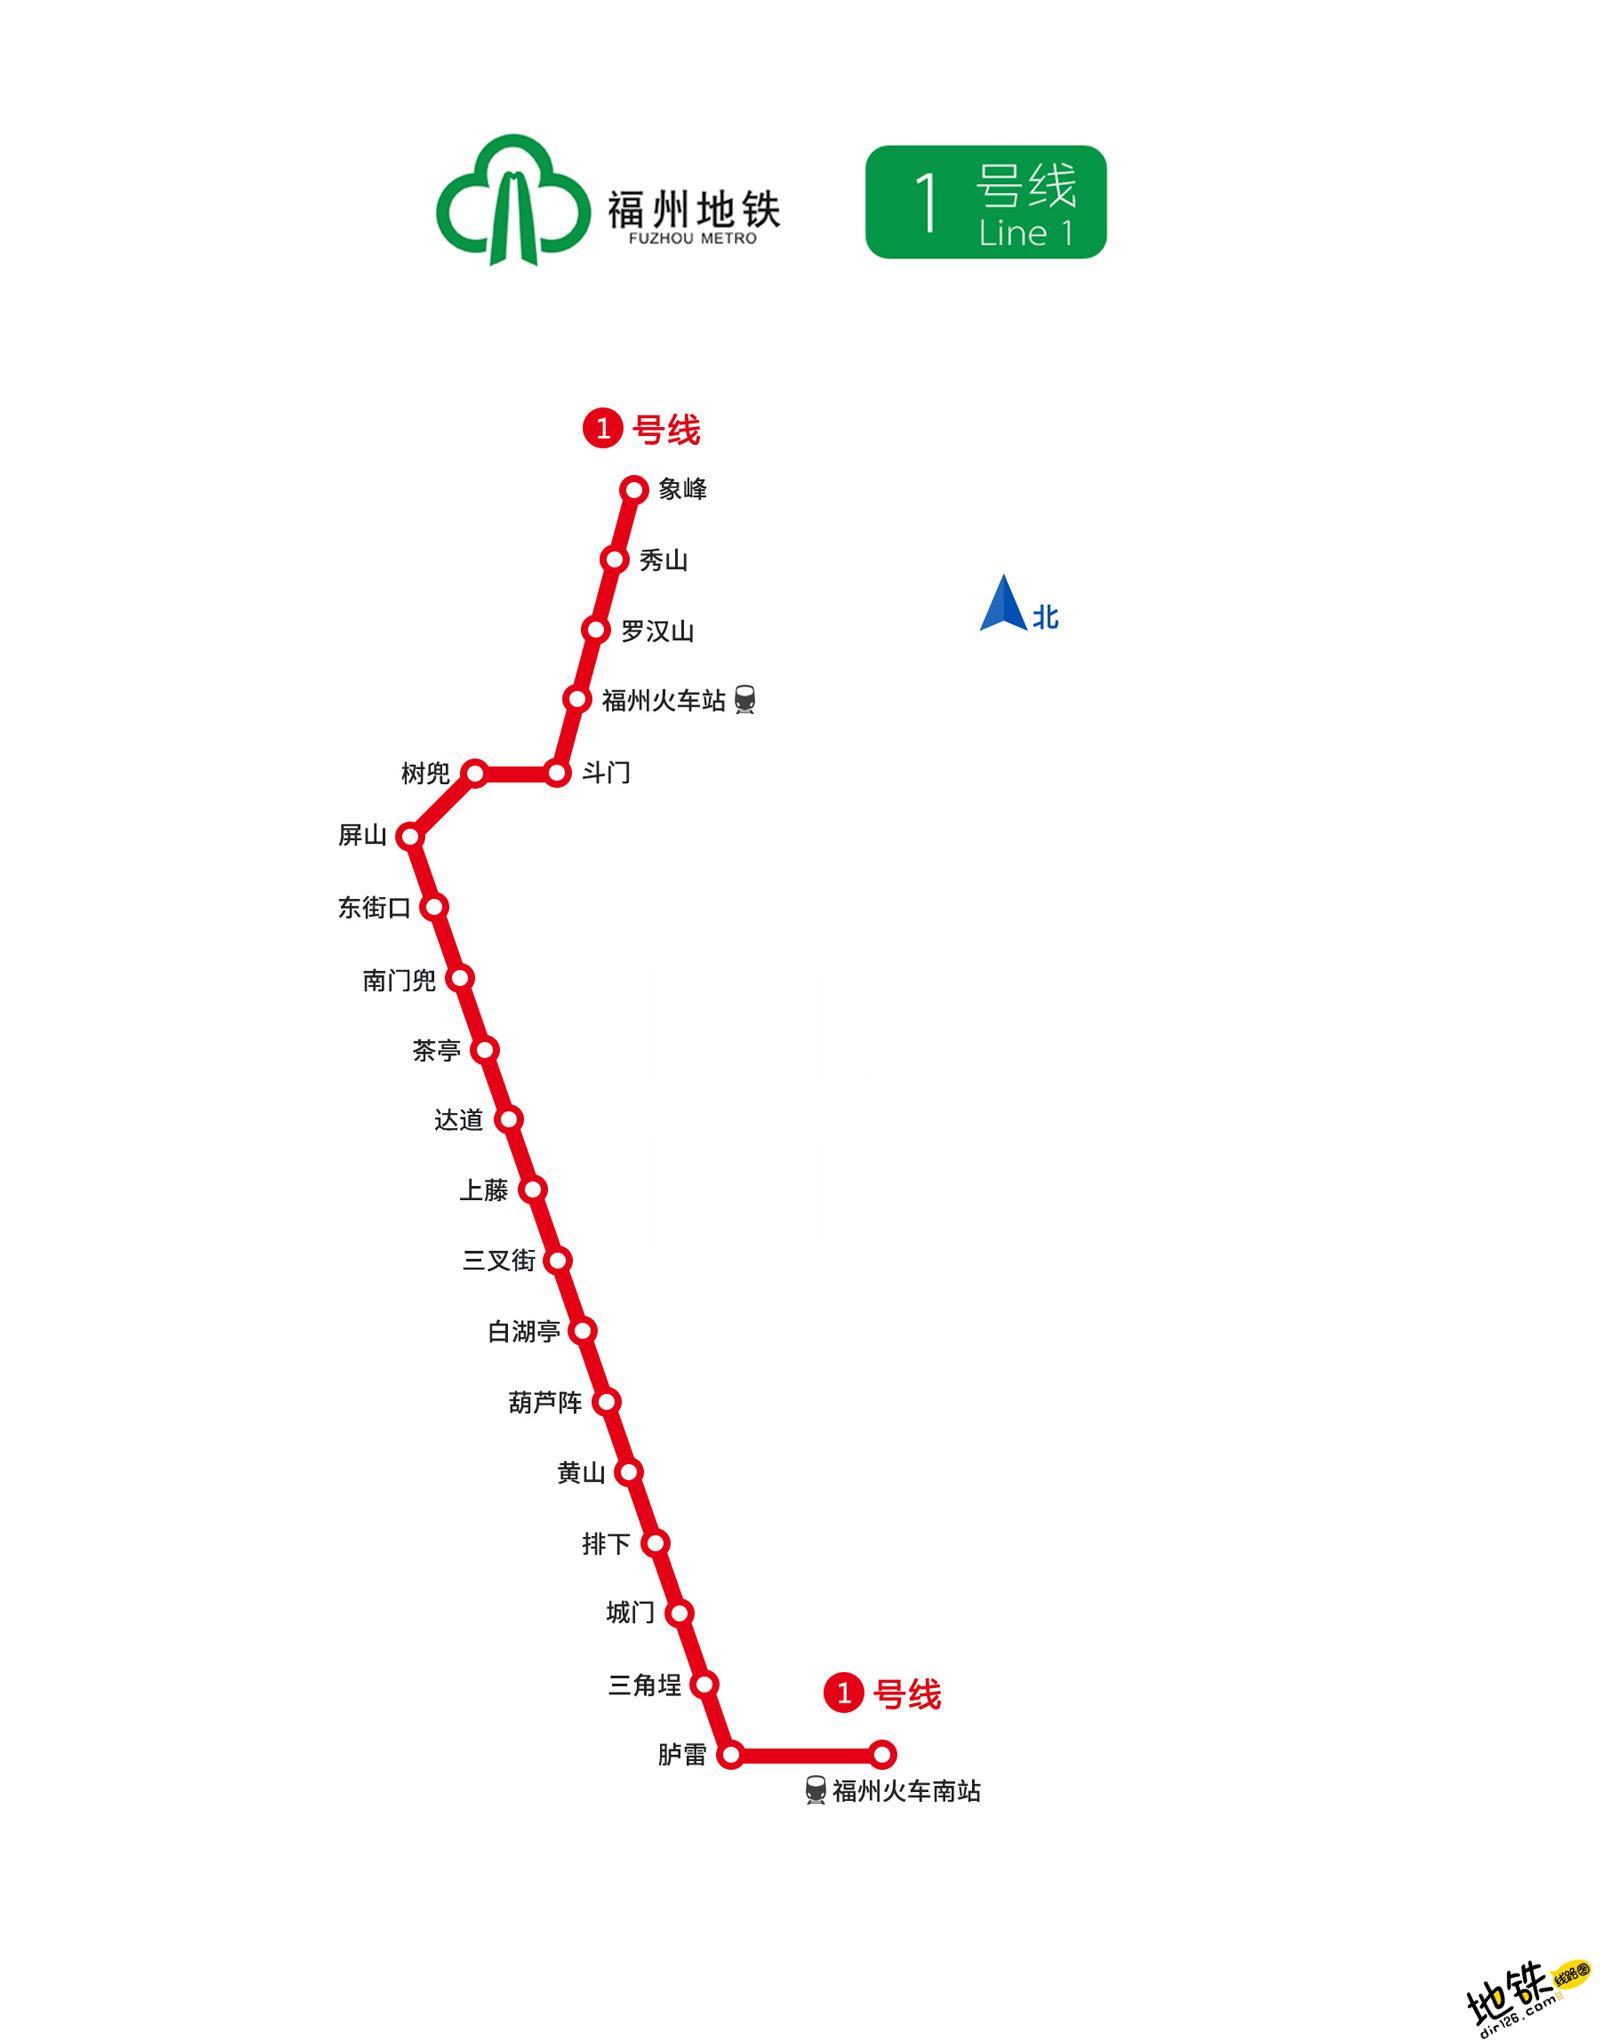 福州地铁1号线线路图 运营时间票价站点 查询下载 福州地铁1号线查询 福州地铁1号线运营时间 福州地铁1号线线路图 福州地铁1号线 福州地铁一号线 福州地铁线路图  第2张